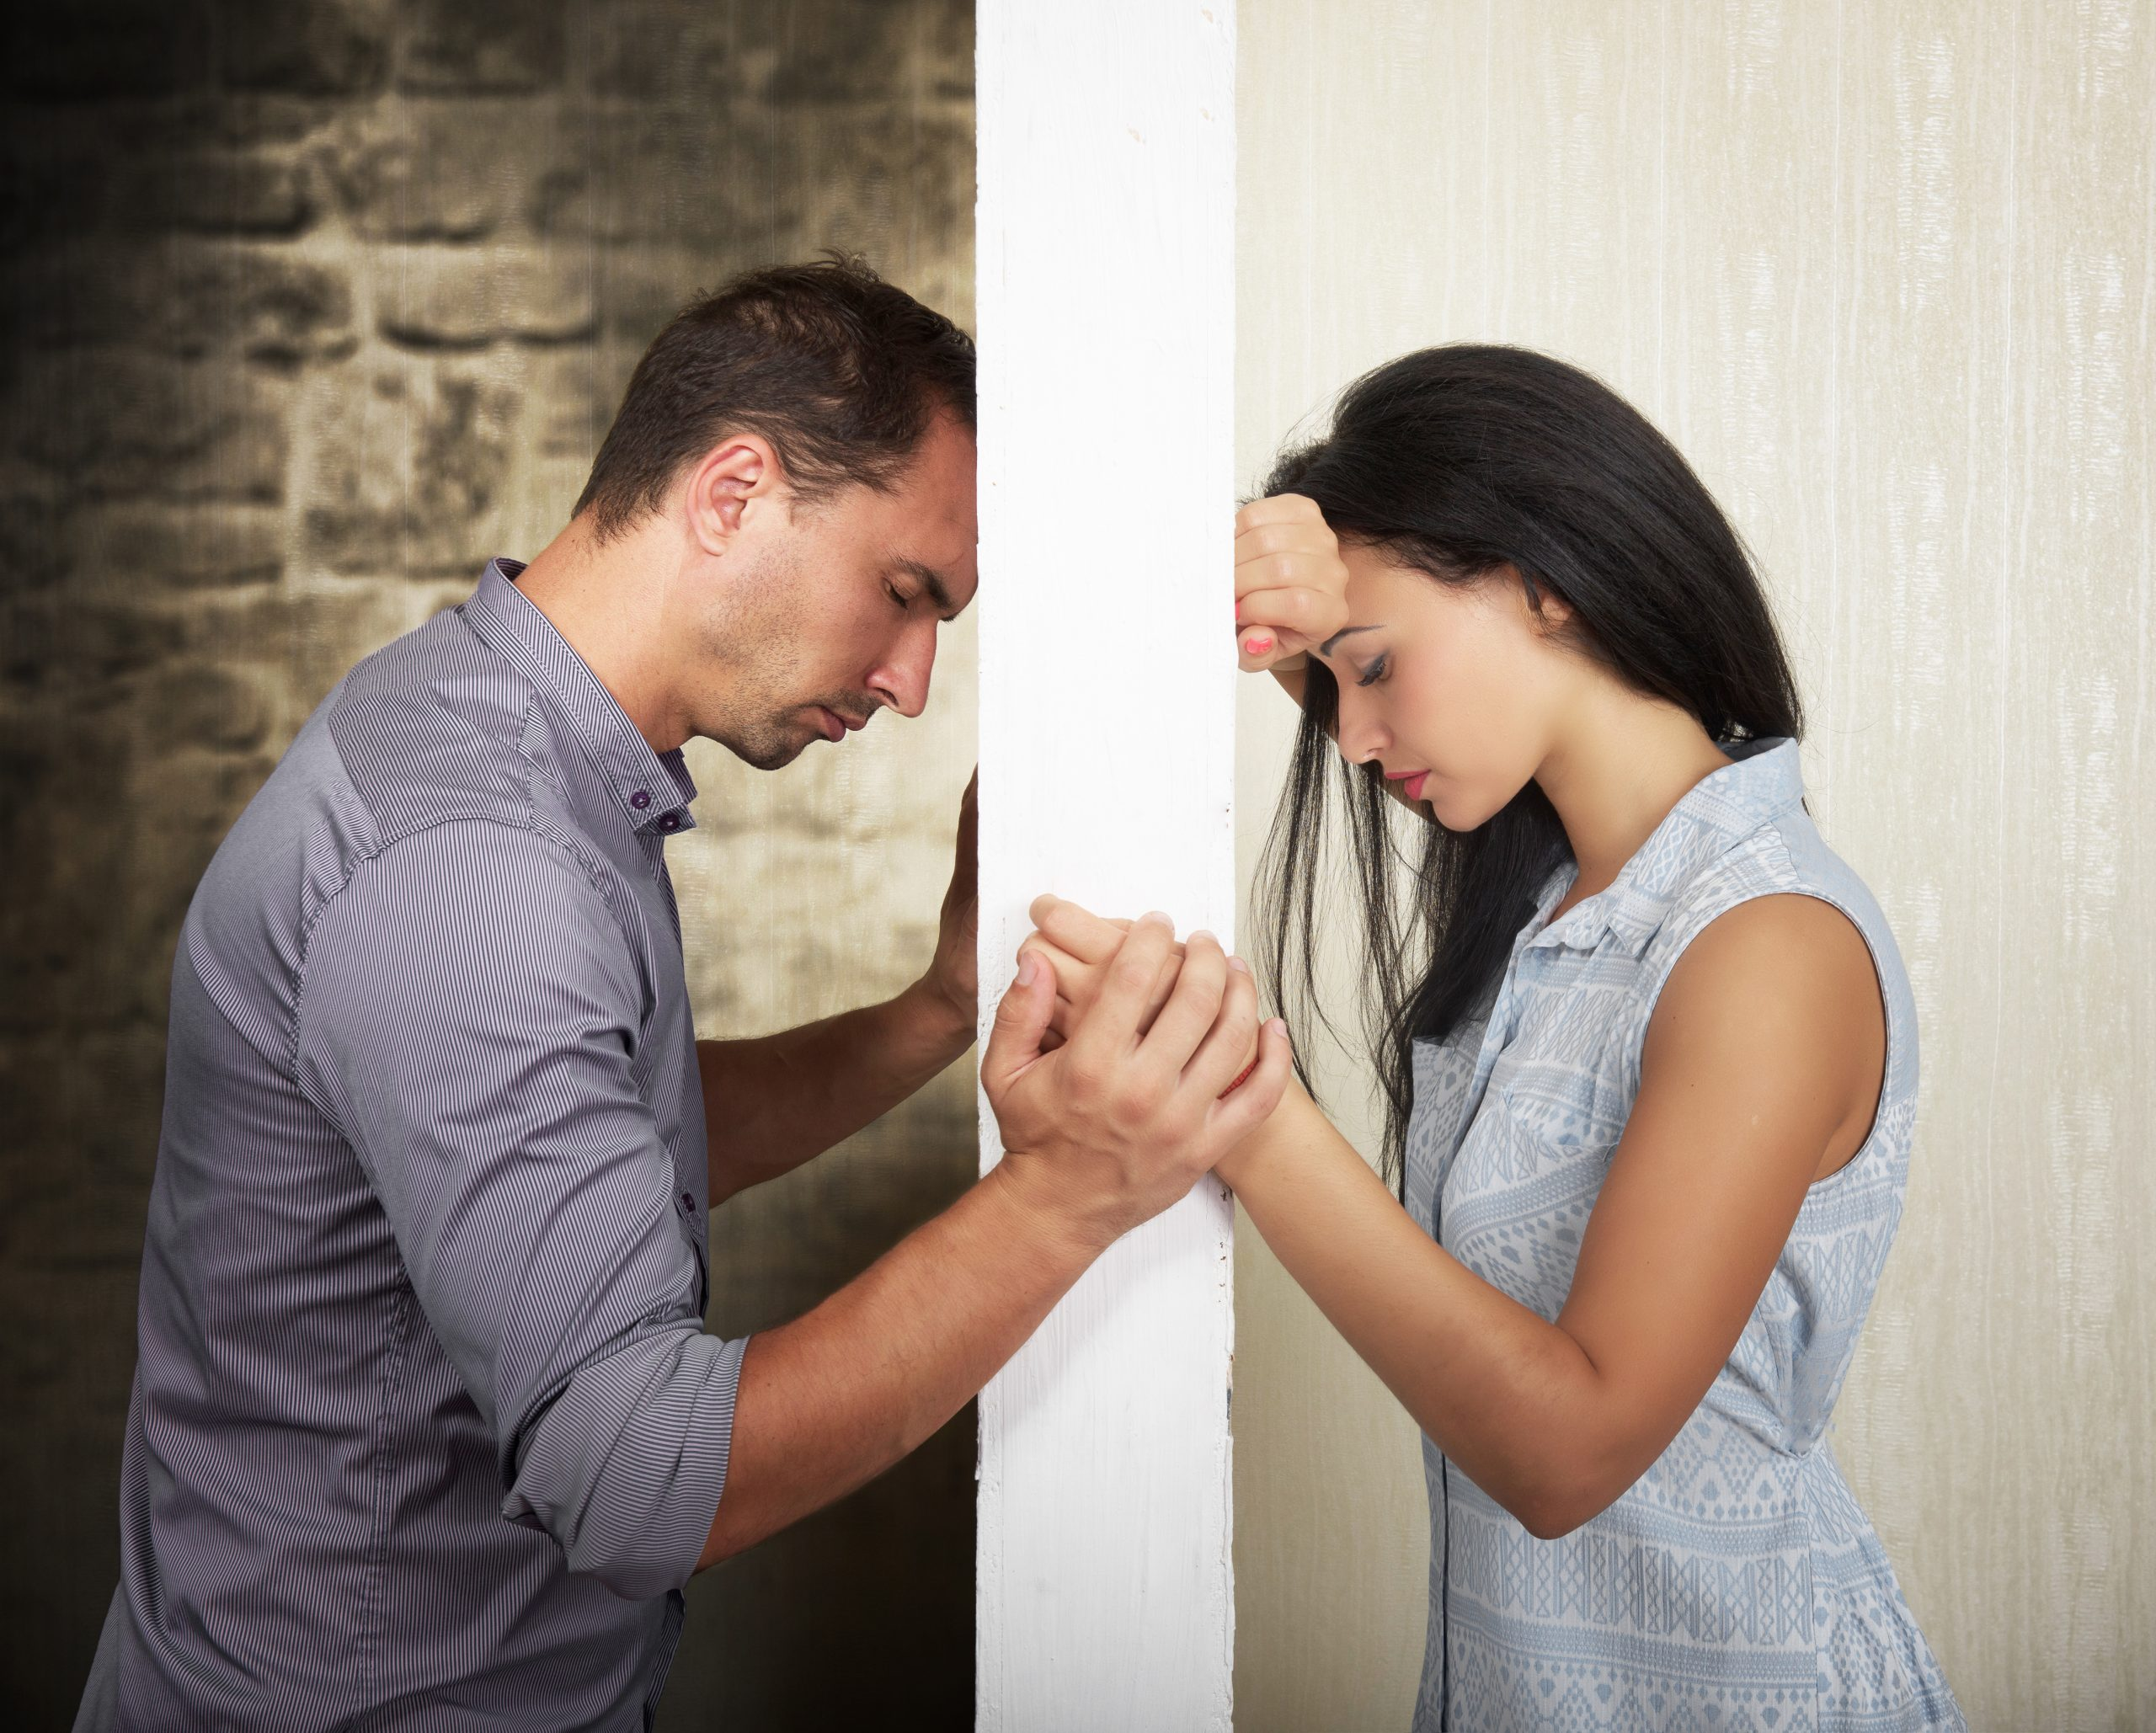 Любовь - союз двух невротиков?